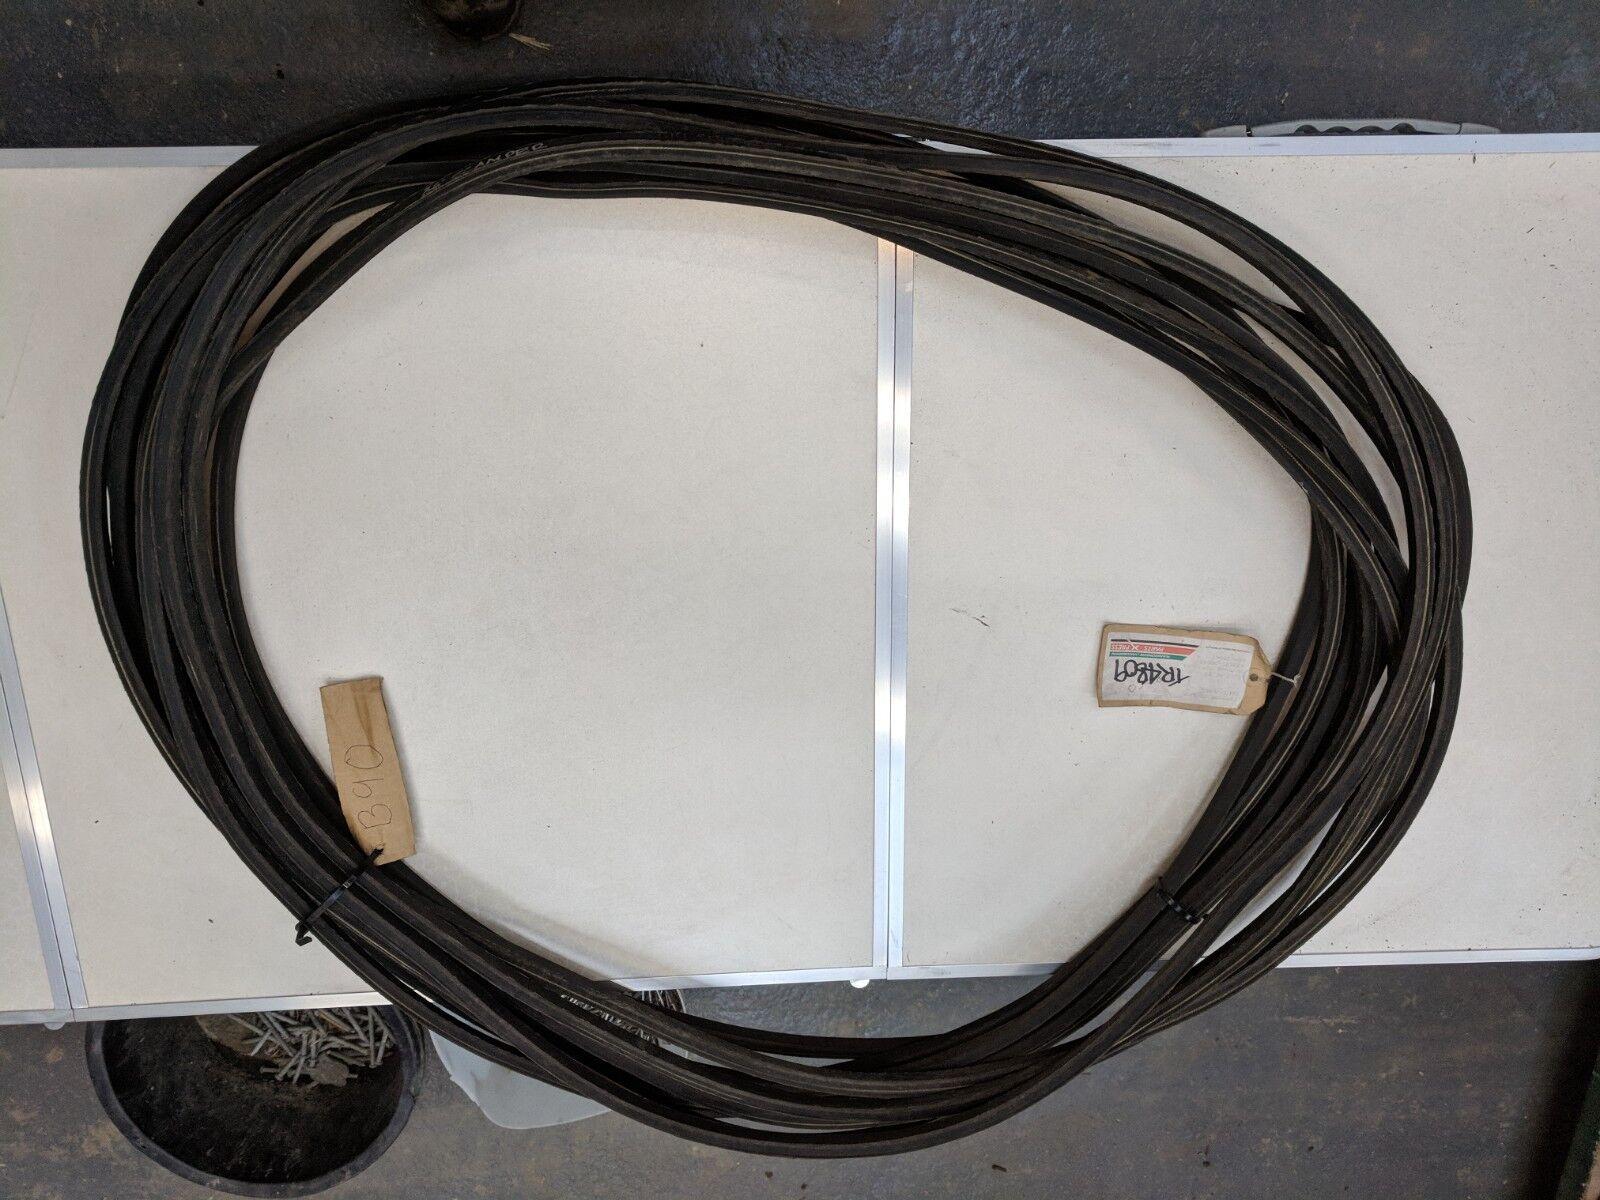 Toro BLADE Correa de transmisión para SG13 SG15 H SG17 H SG153 H SG173 H 8595-203-002-20